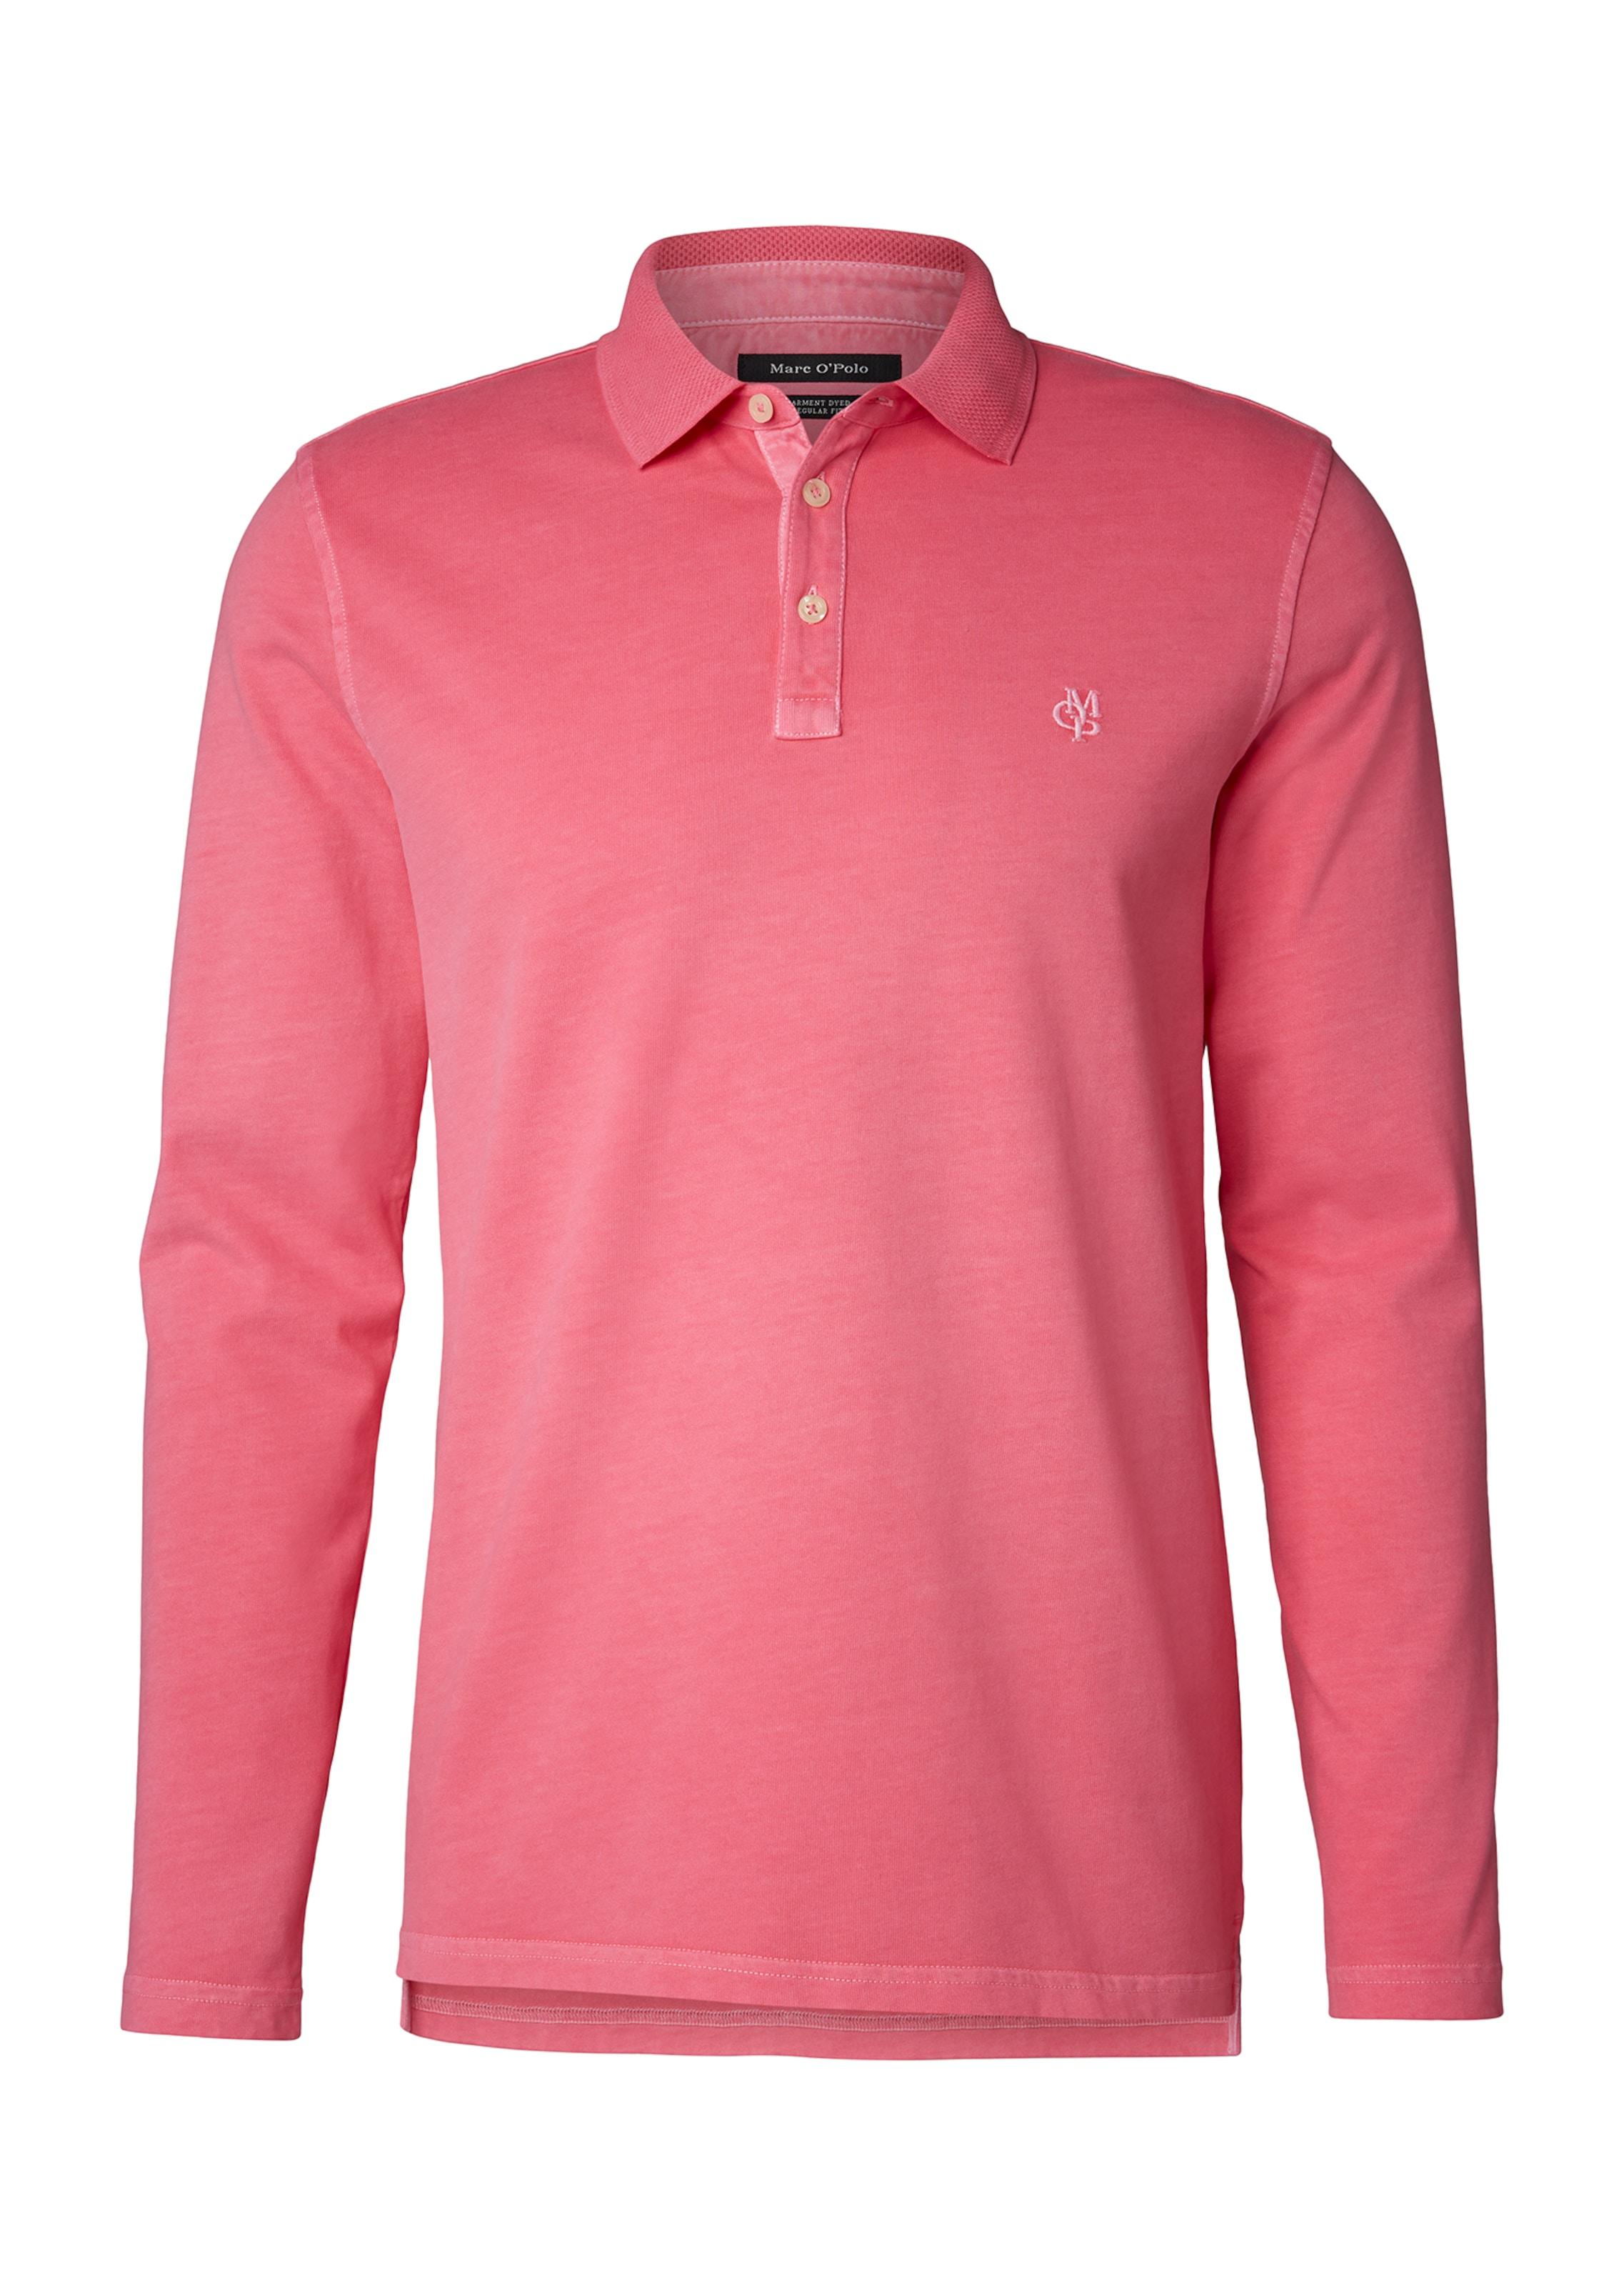 Lachs Marc O'polo shirt Polo In dxoeEQrCBW